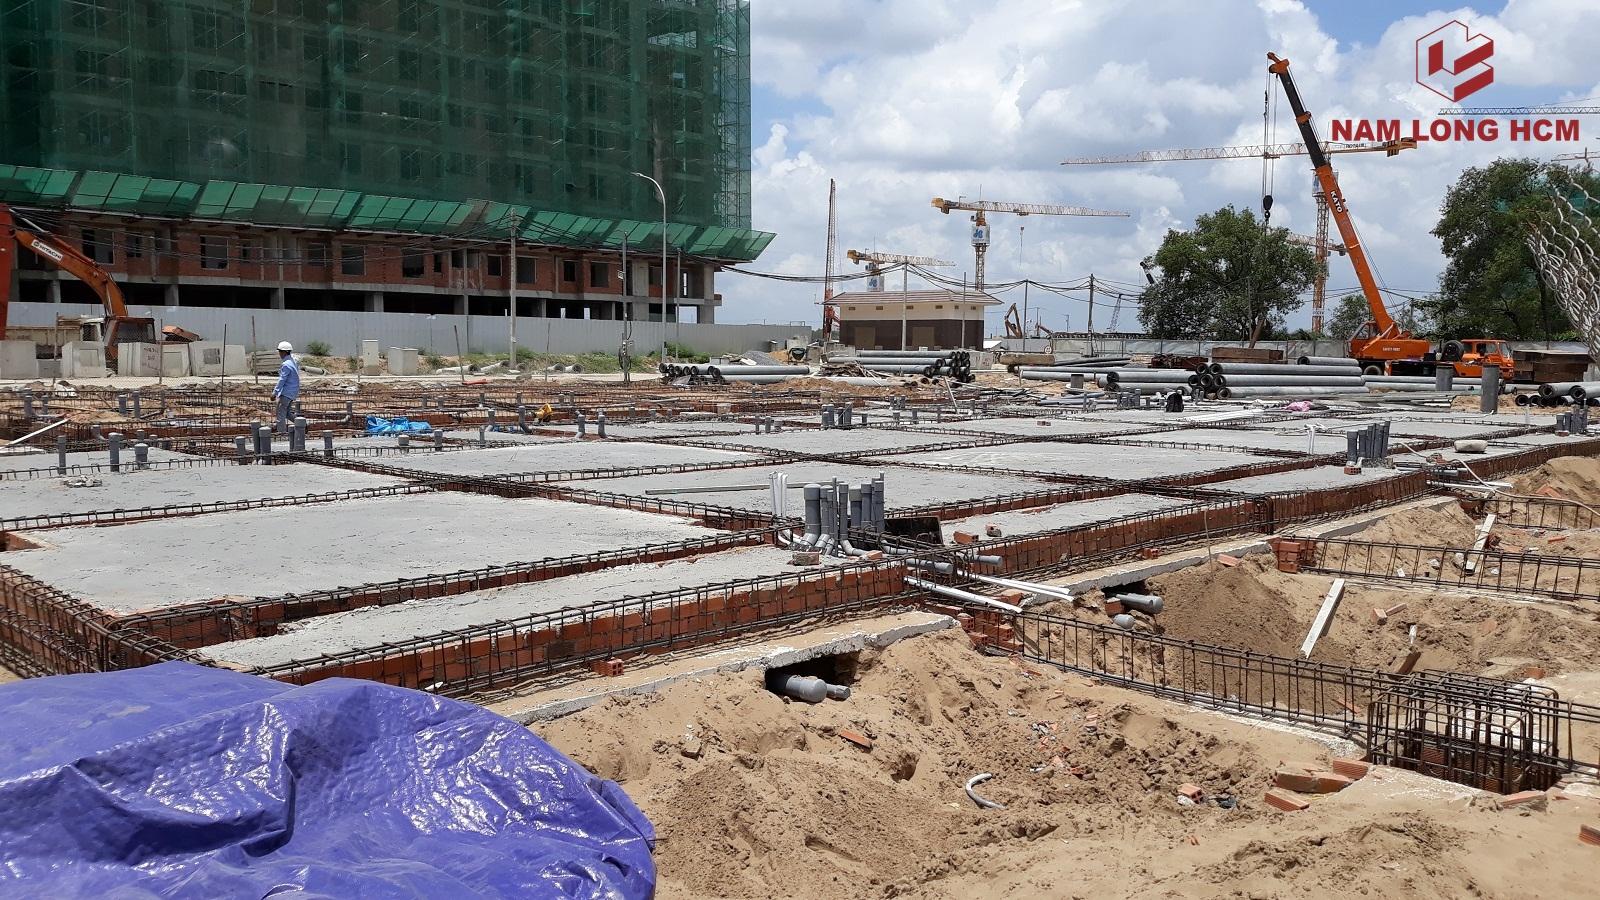 Đơn vị xây dựng đang thi công sàn tầng trệt cho 52 căn nhà phố Mizuki, một phần đang thi công ép cọc. Ảnh: Nam Long HCM